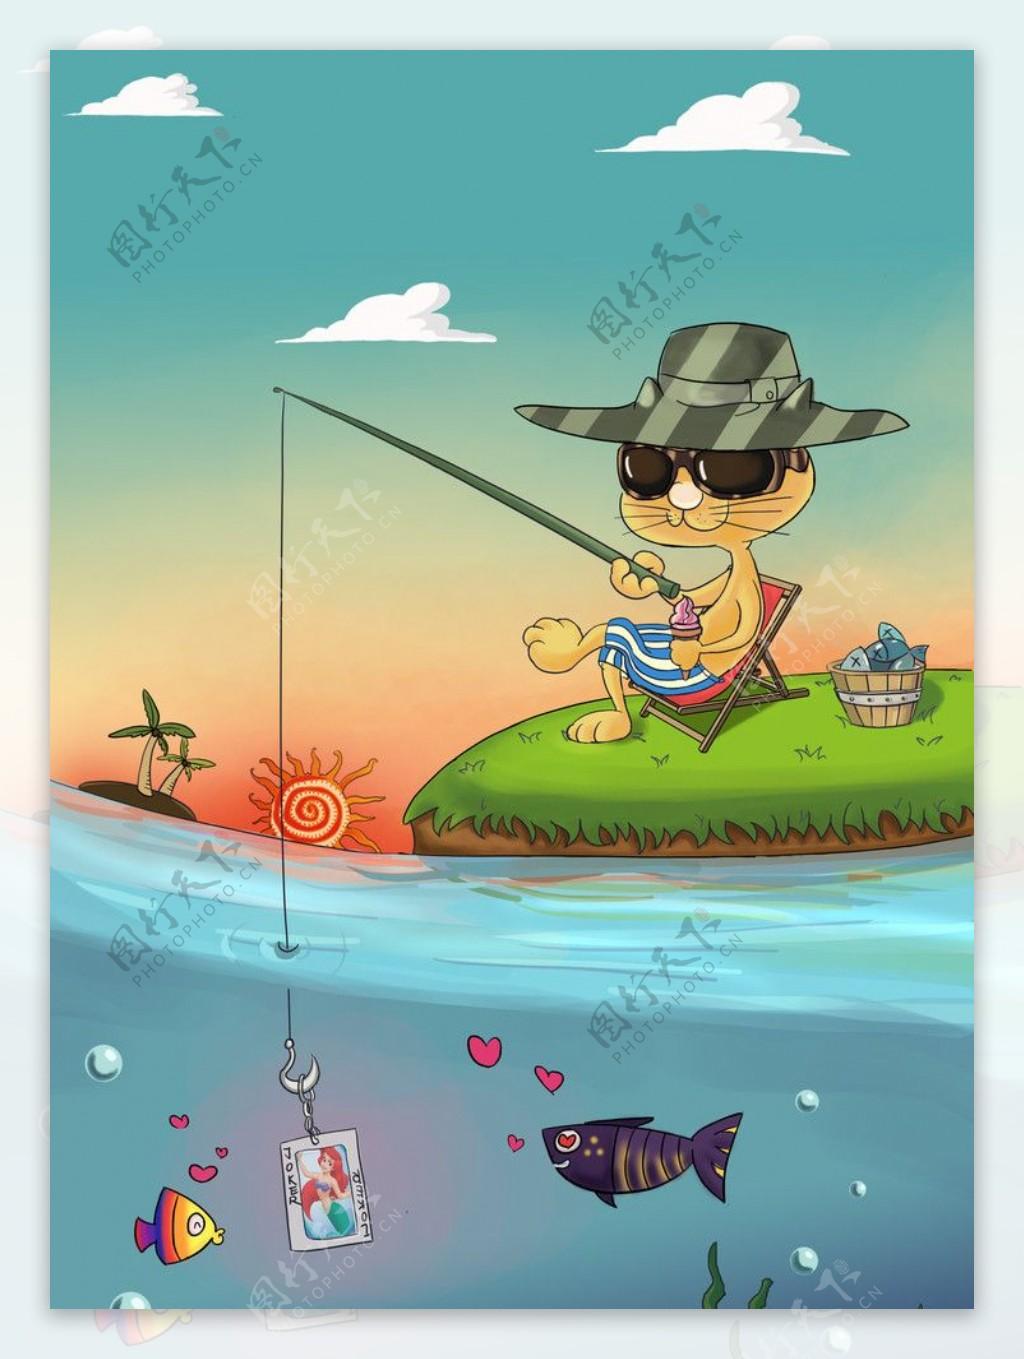 酷猫漫画钓鱼手绘原创图片